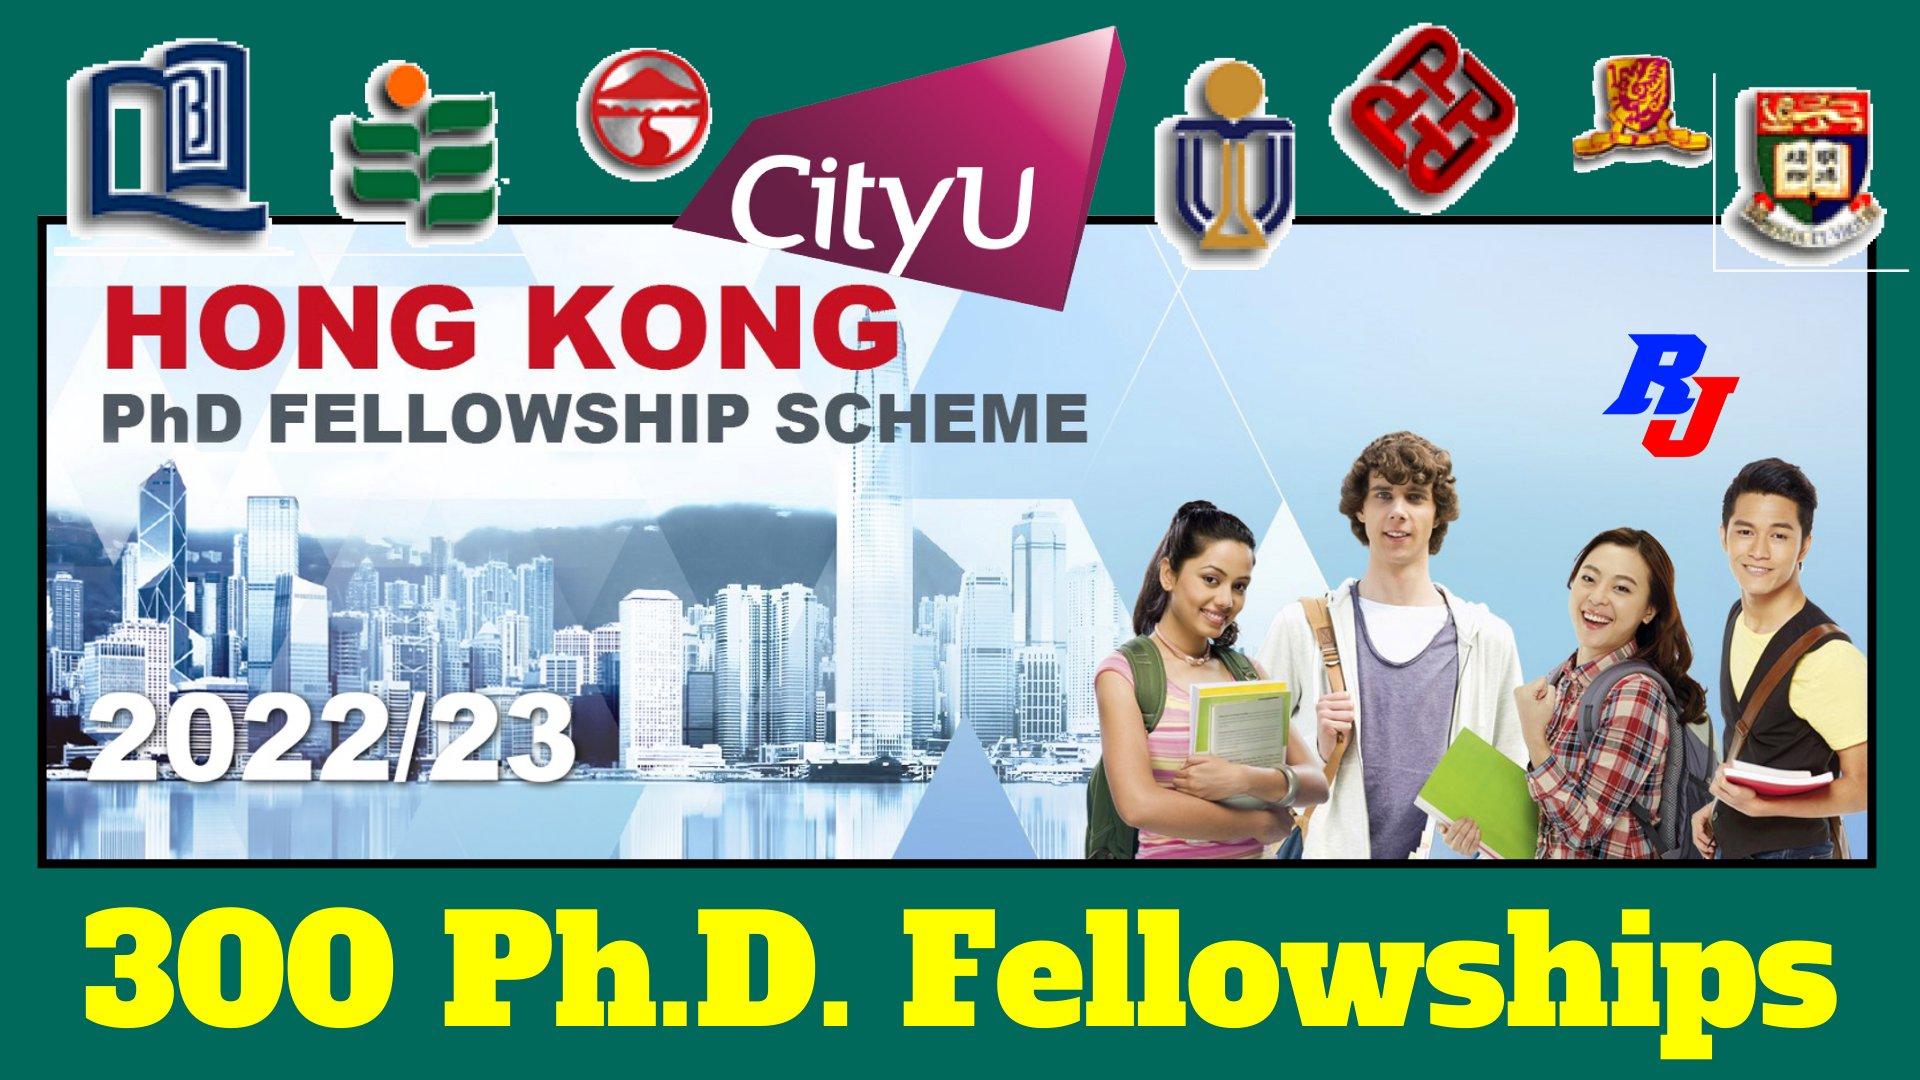 Hong Kong PhD Fellowship Scheme (HKPFS), Up to 300 Ph.D. Fellowships